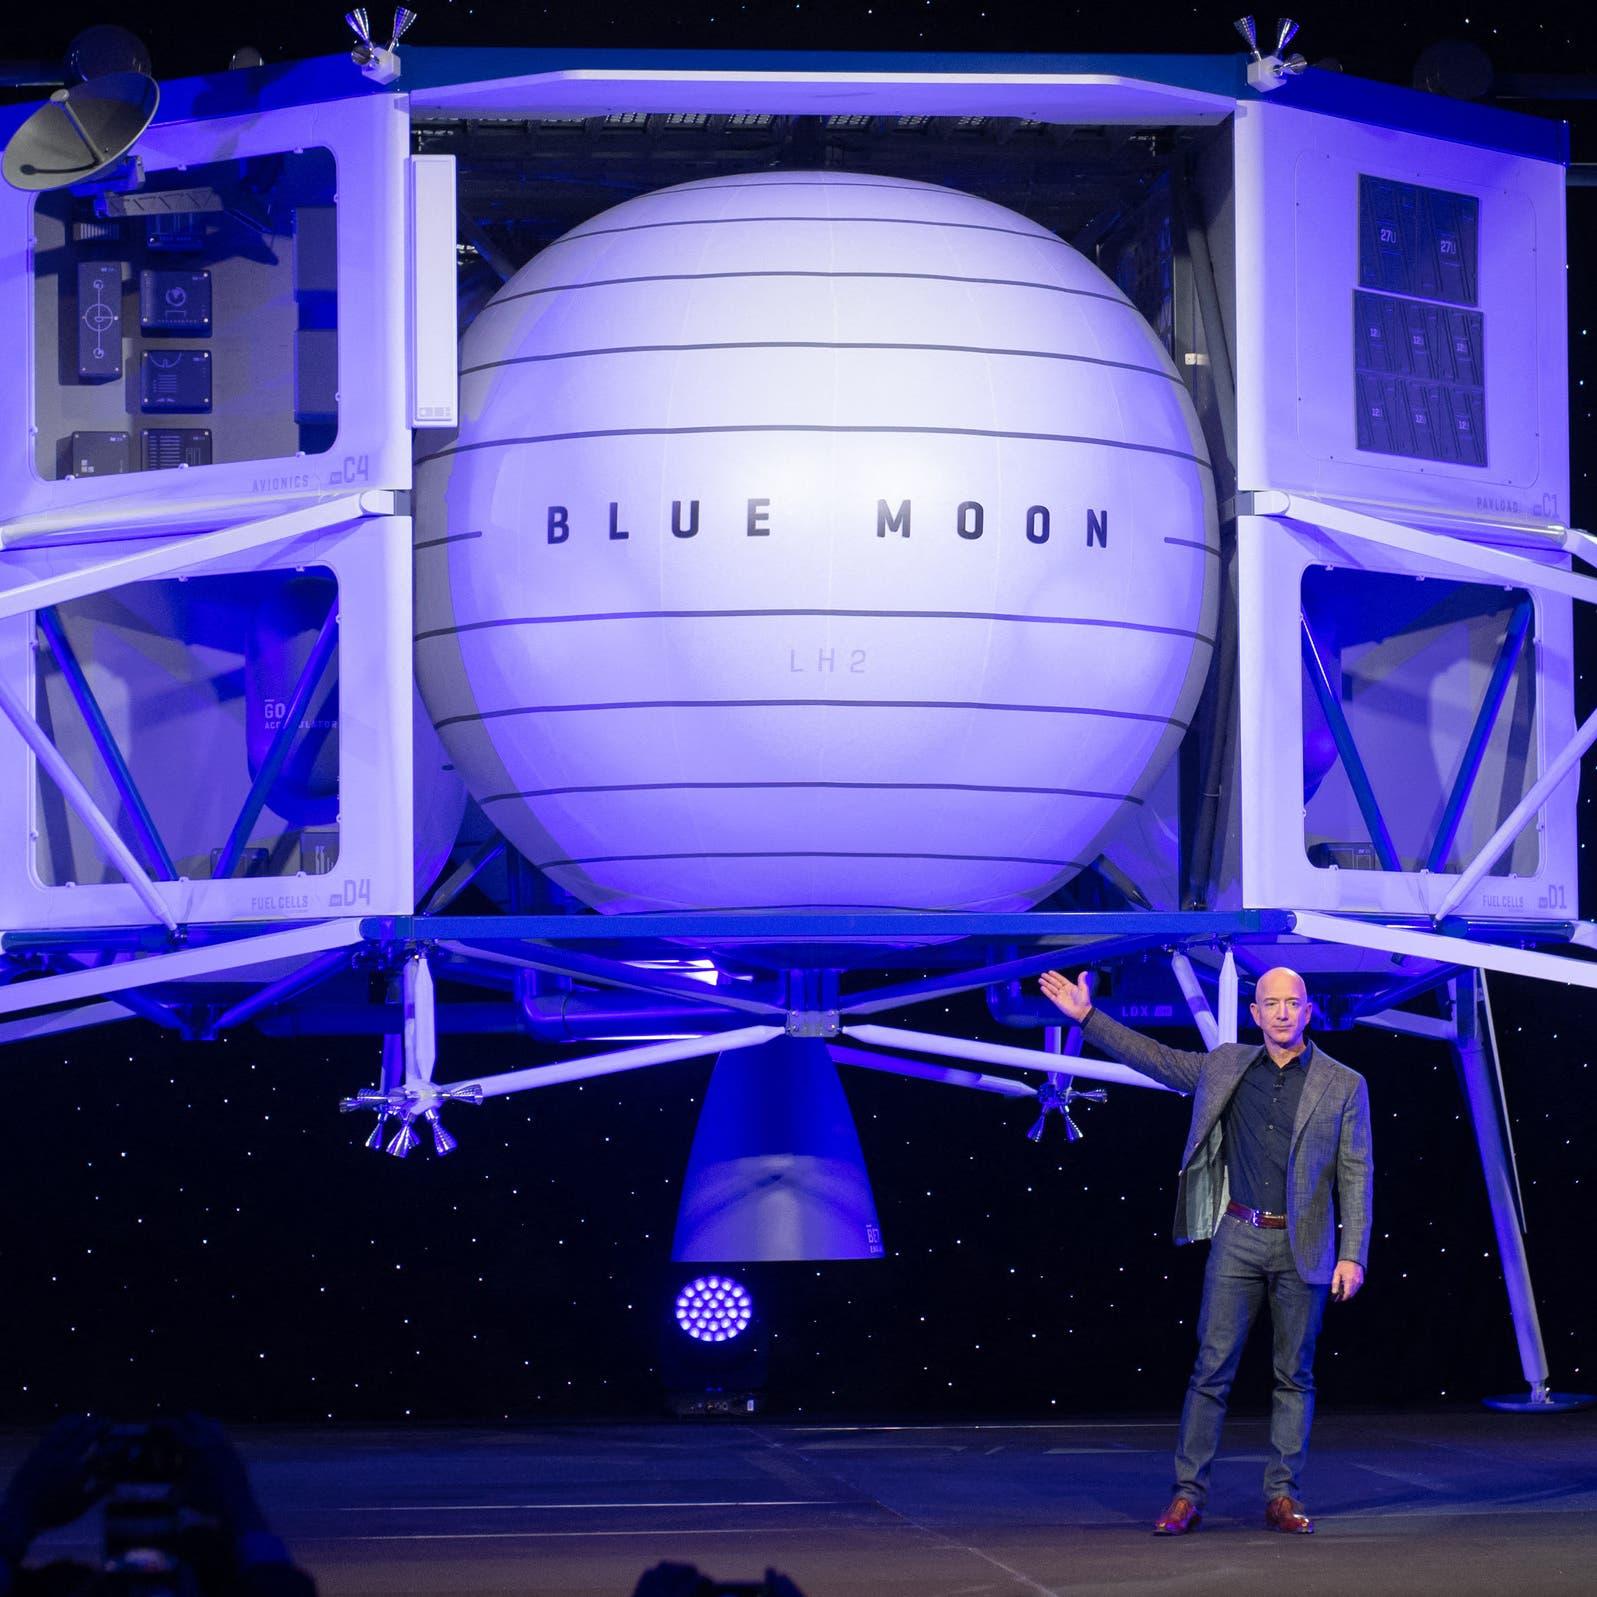 حرب الفضاء تستعر بين أغنى رجلين في العالم